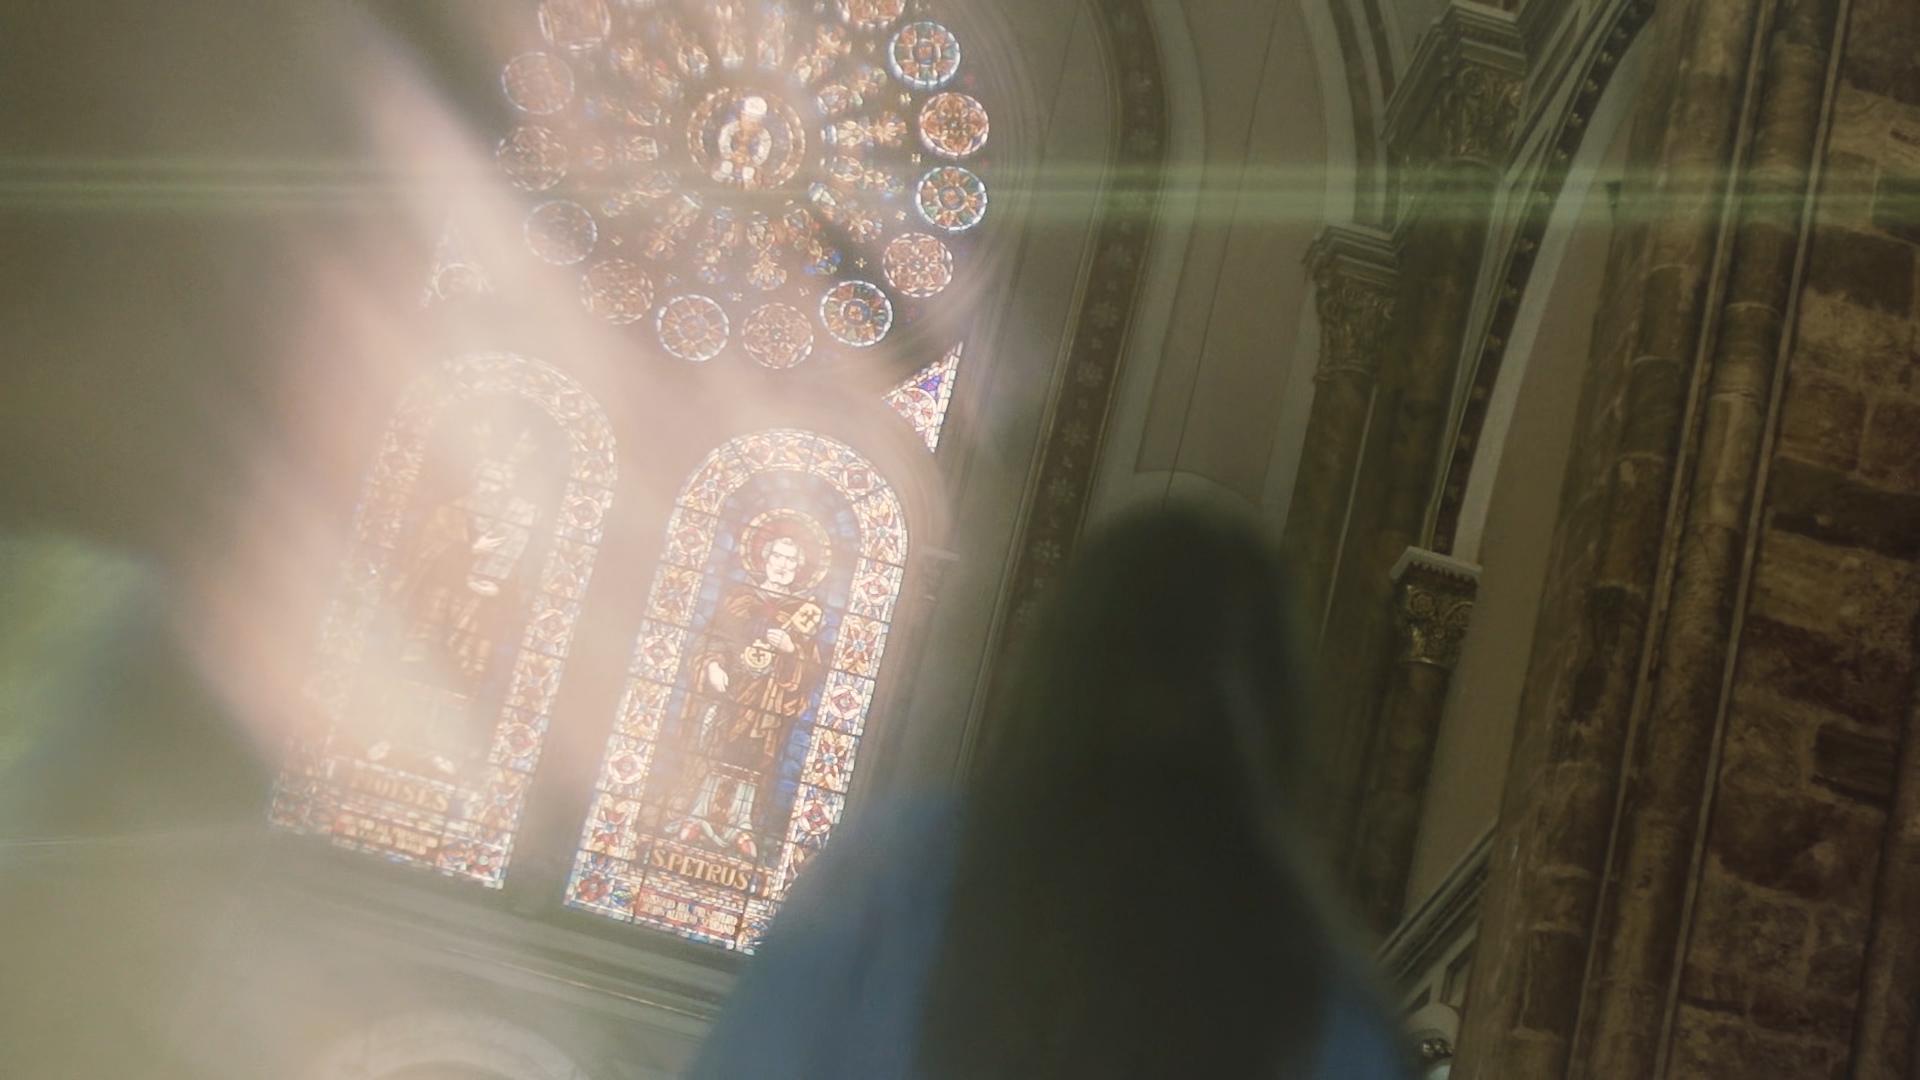 shortfilm lights final.00_00_17_19.Still004